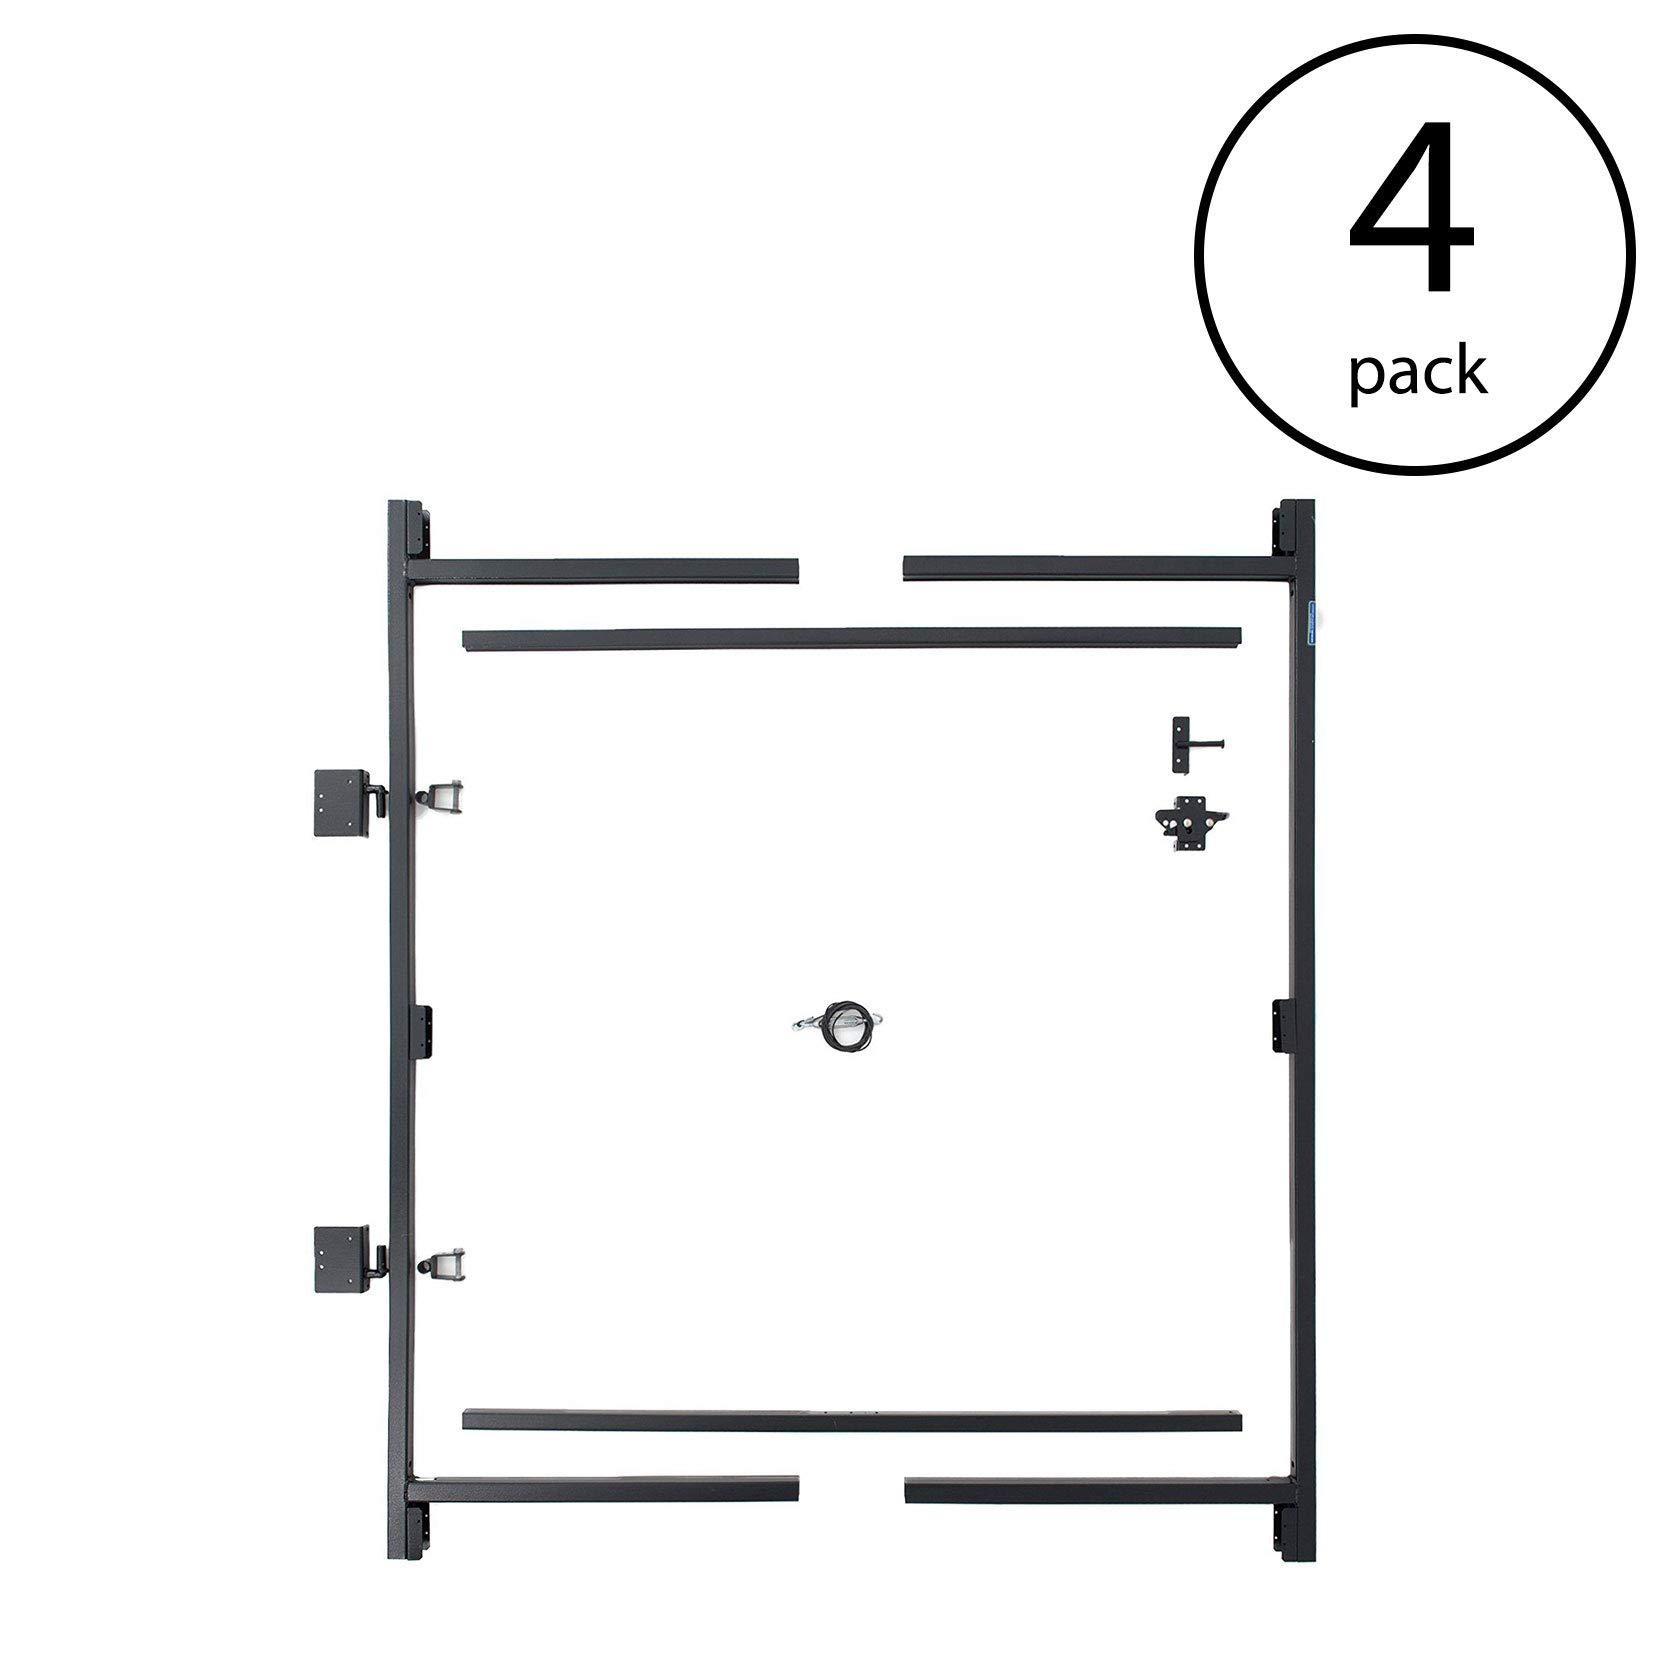 Adjust-A-Gate Steel Frame Gate Building Kit, 60''-96'' Wide, 6' High (4 Pack)